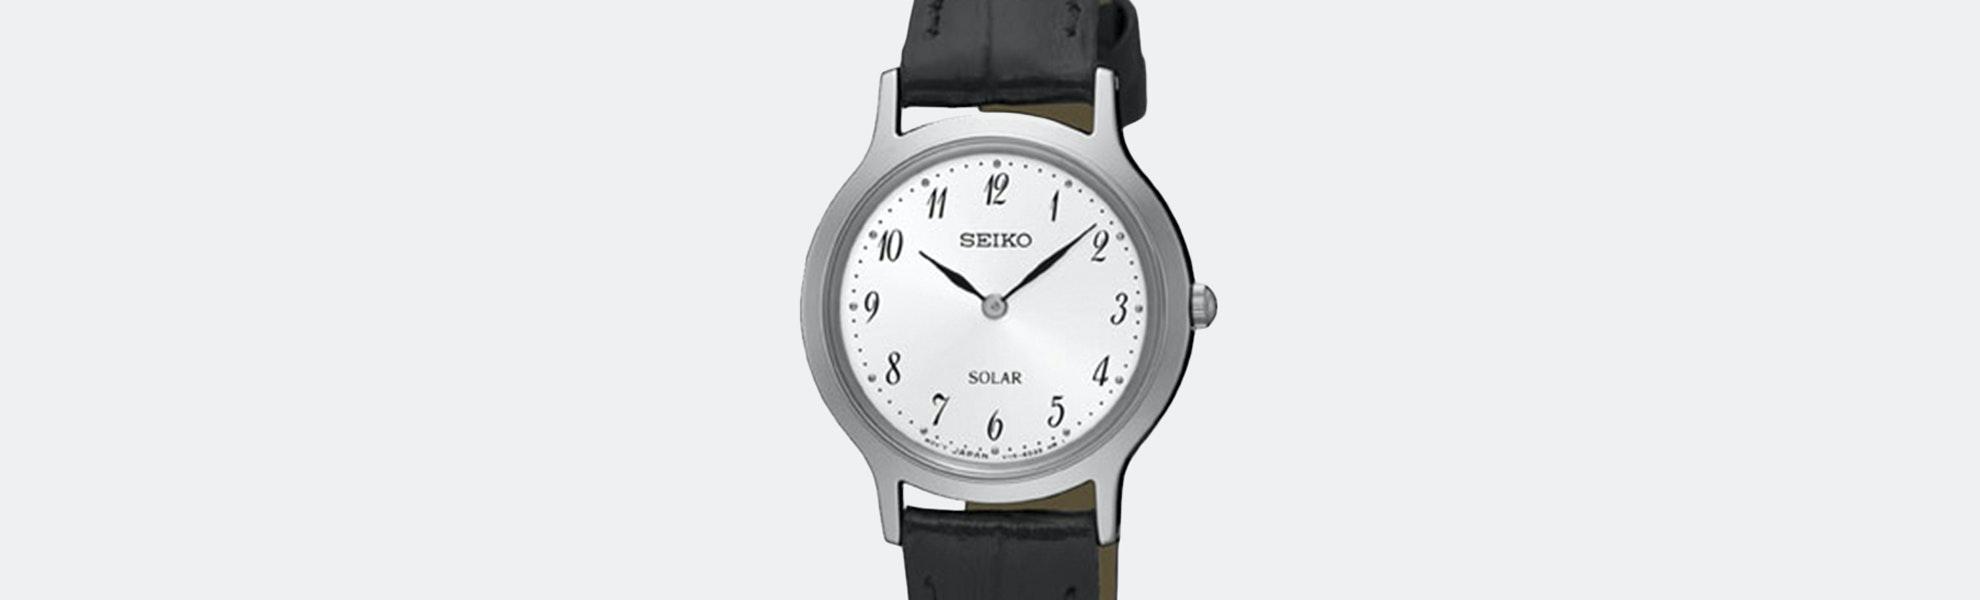 Seiko SUP Solar Ladies' Watch